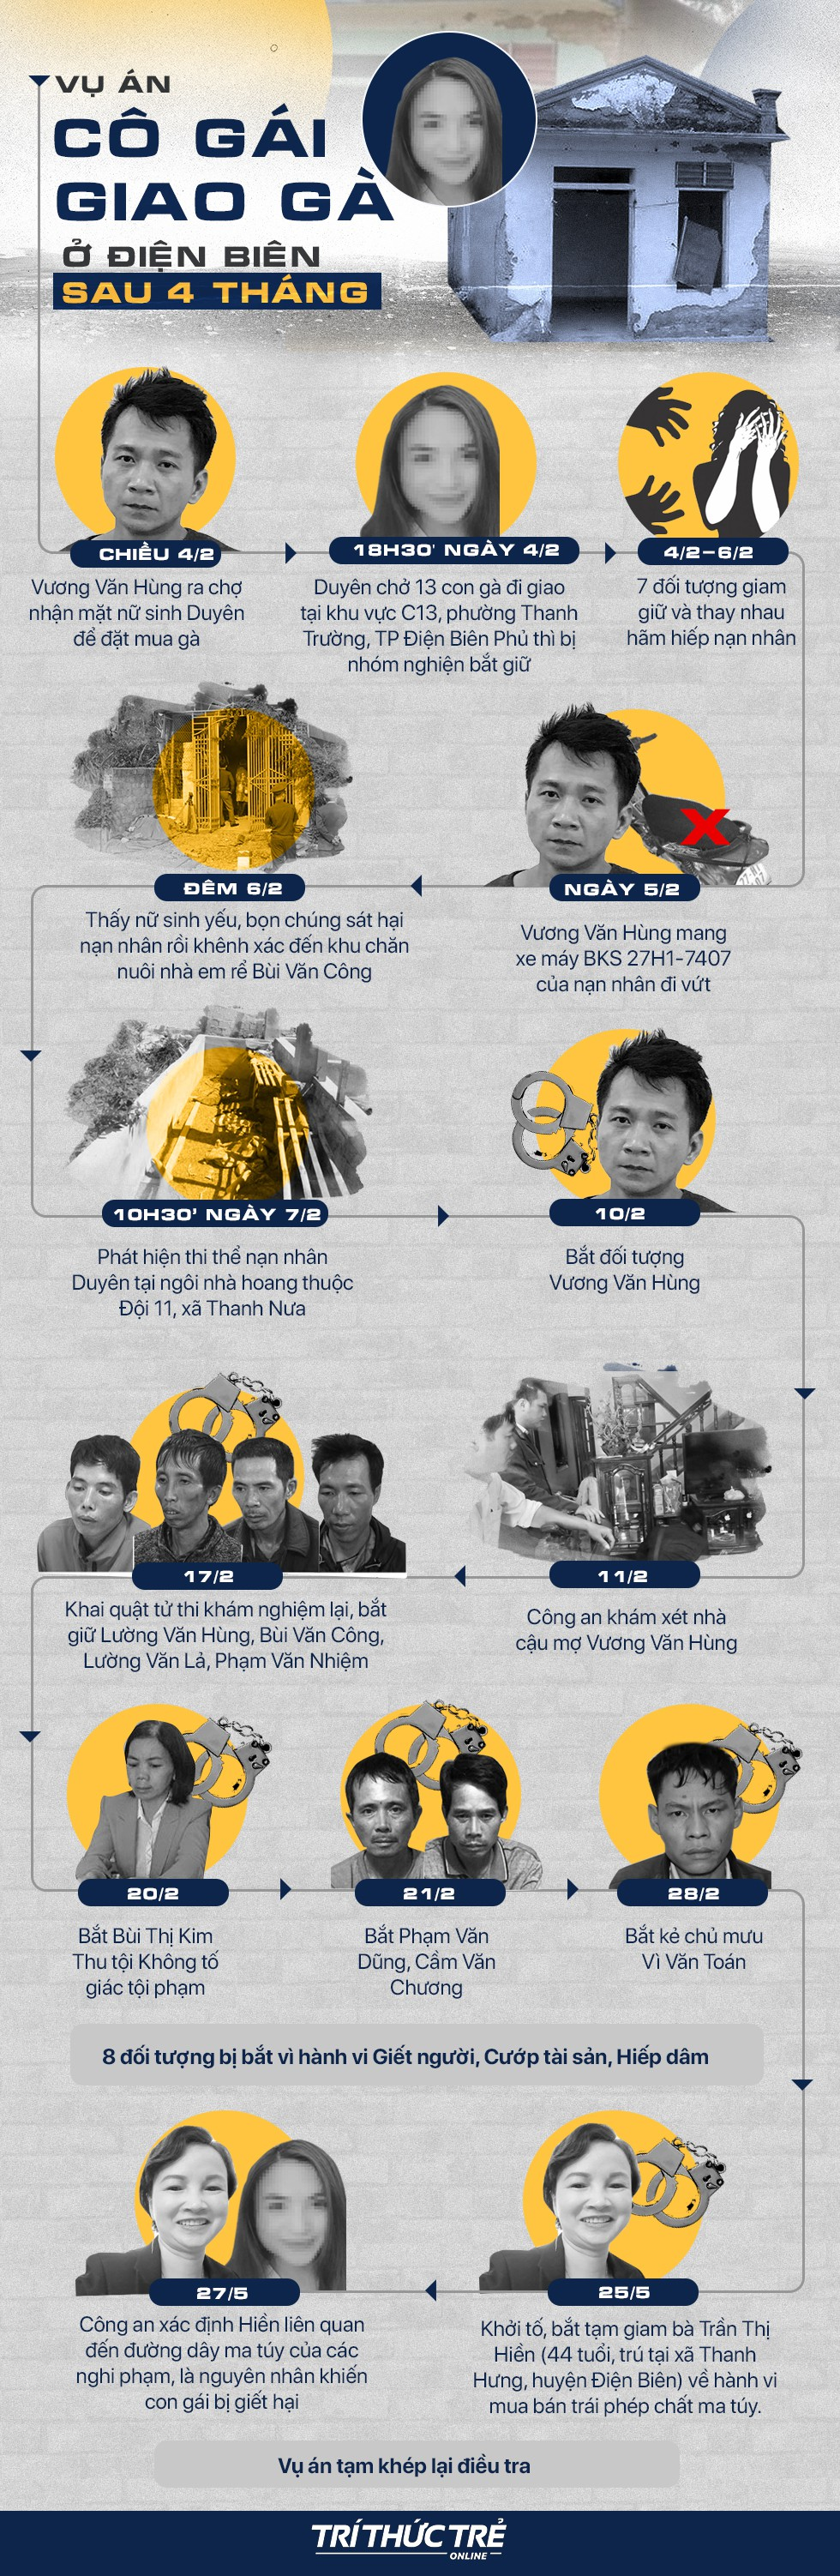 [Infographic] Vụ án nữ sinh giao gà ở Điện Biên tròn 4 tháng, bắt 10 nghi phạm - Ảnh 1.